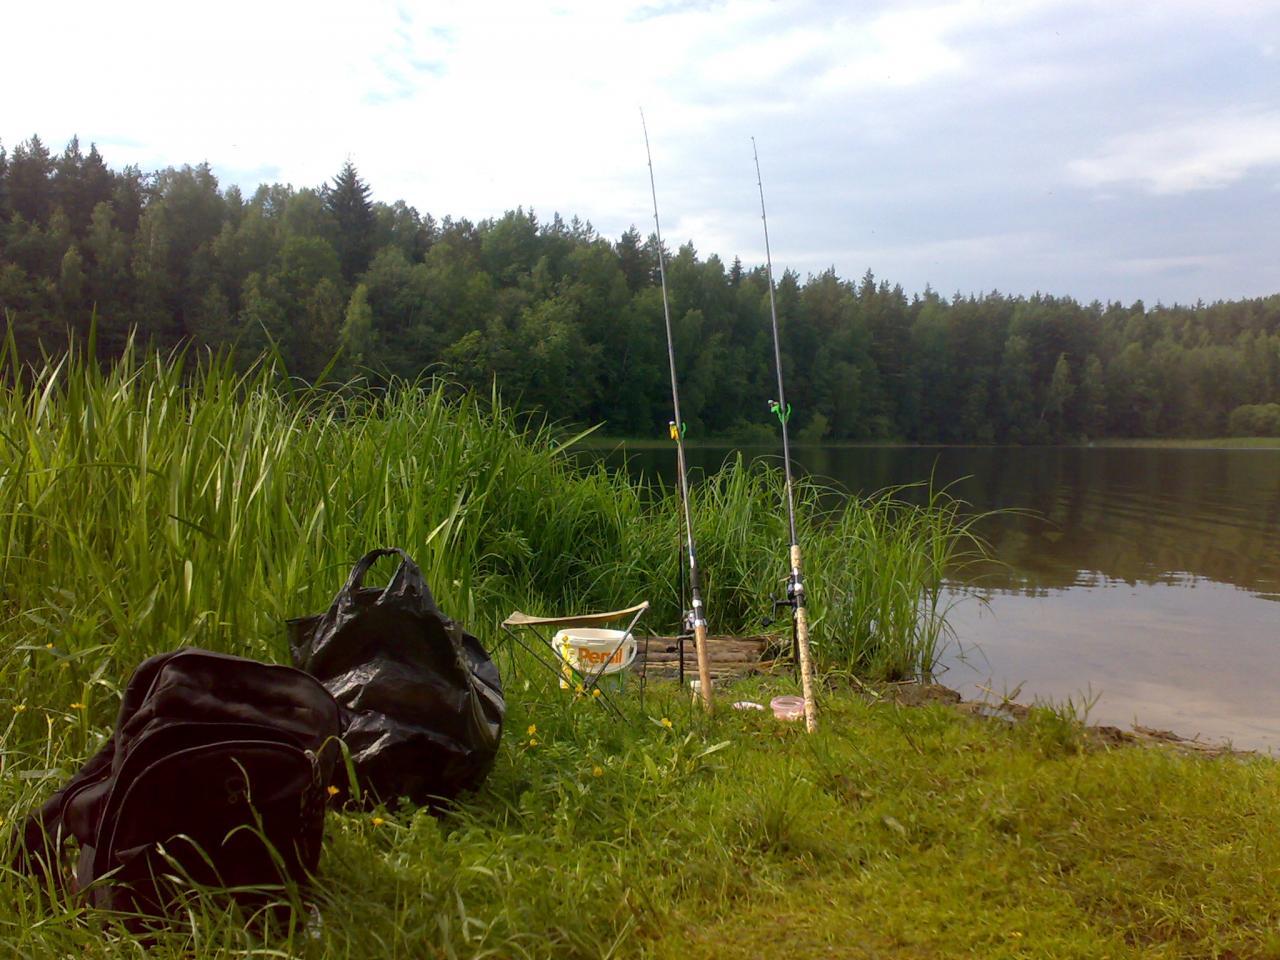 Вчера на Дофаренцию зашёл лещ... Я это чувствовал) ...   Отчеты о рыбалке в Беларуси